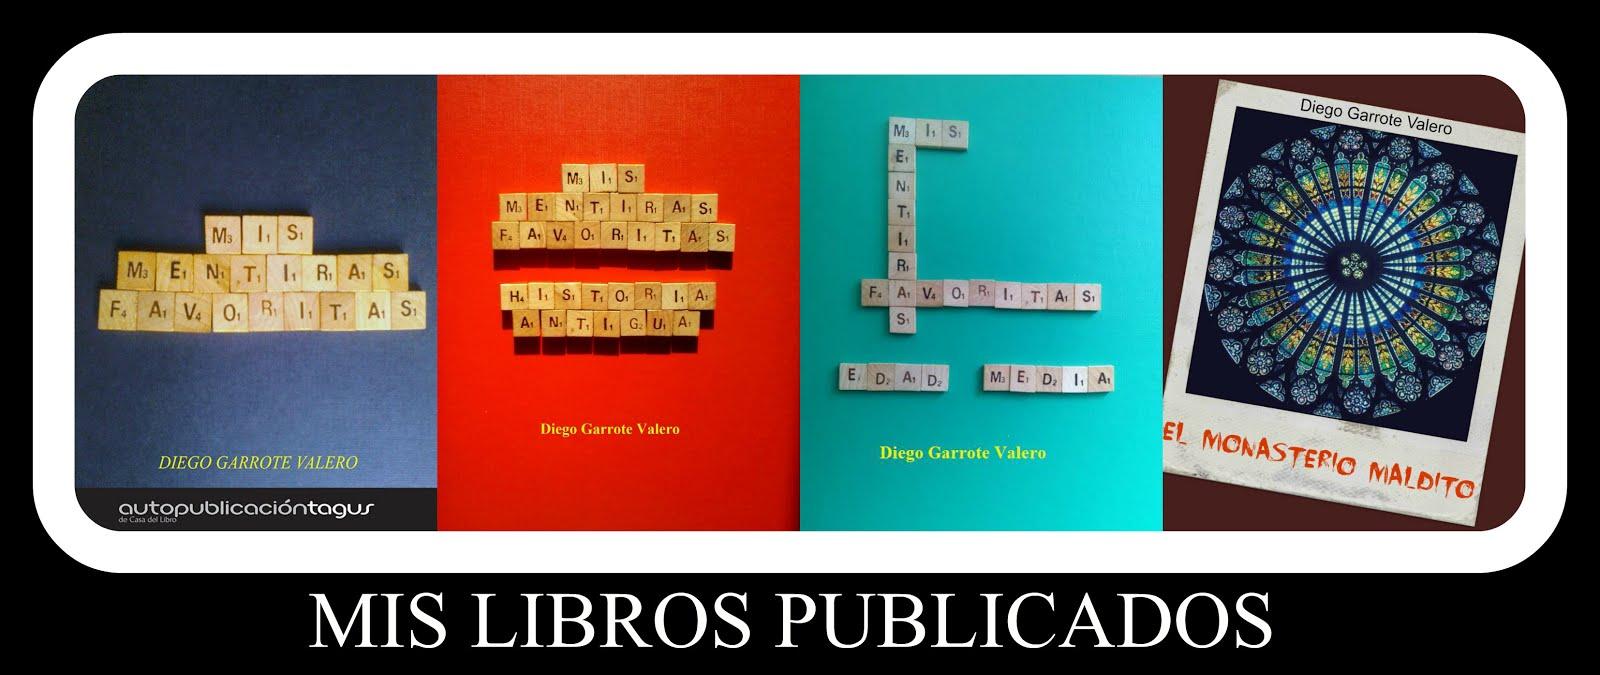 Mis libros publicados en la Casa del Libro